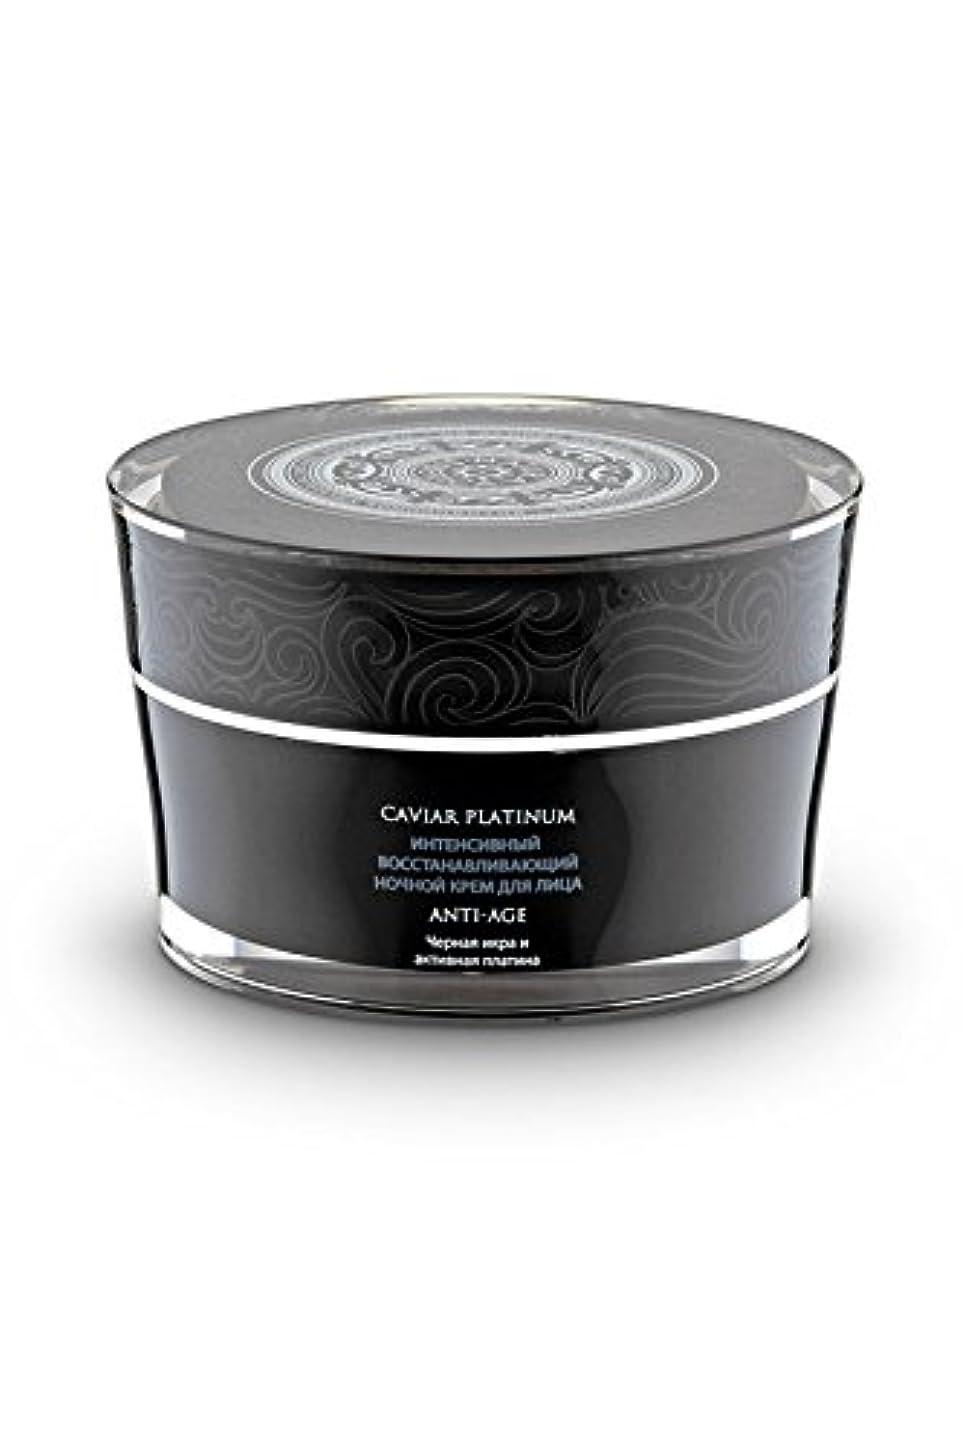 将来のタンパク質ものナチュラシベリカ キャビア プラチナ Caviar Platinum インセンティブ ナイトフェイスクリーム 50ml